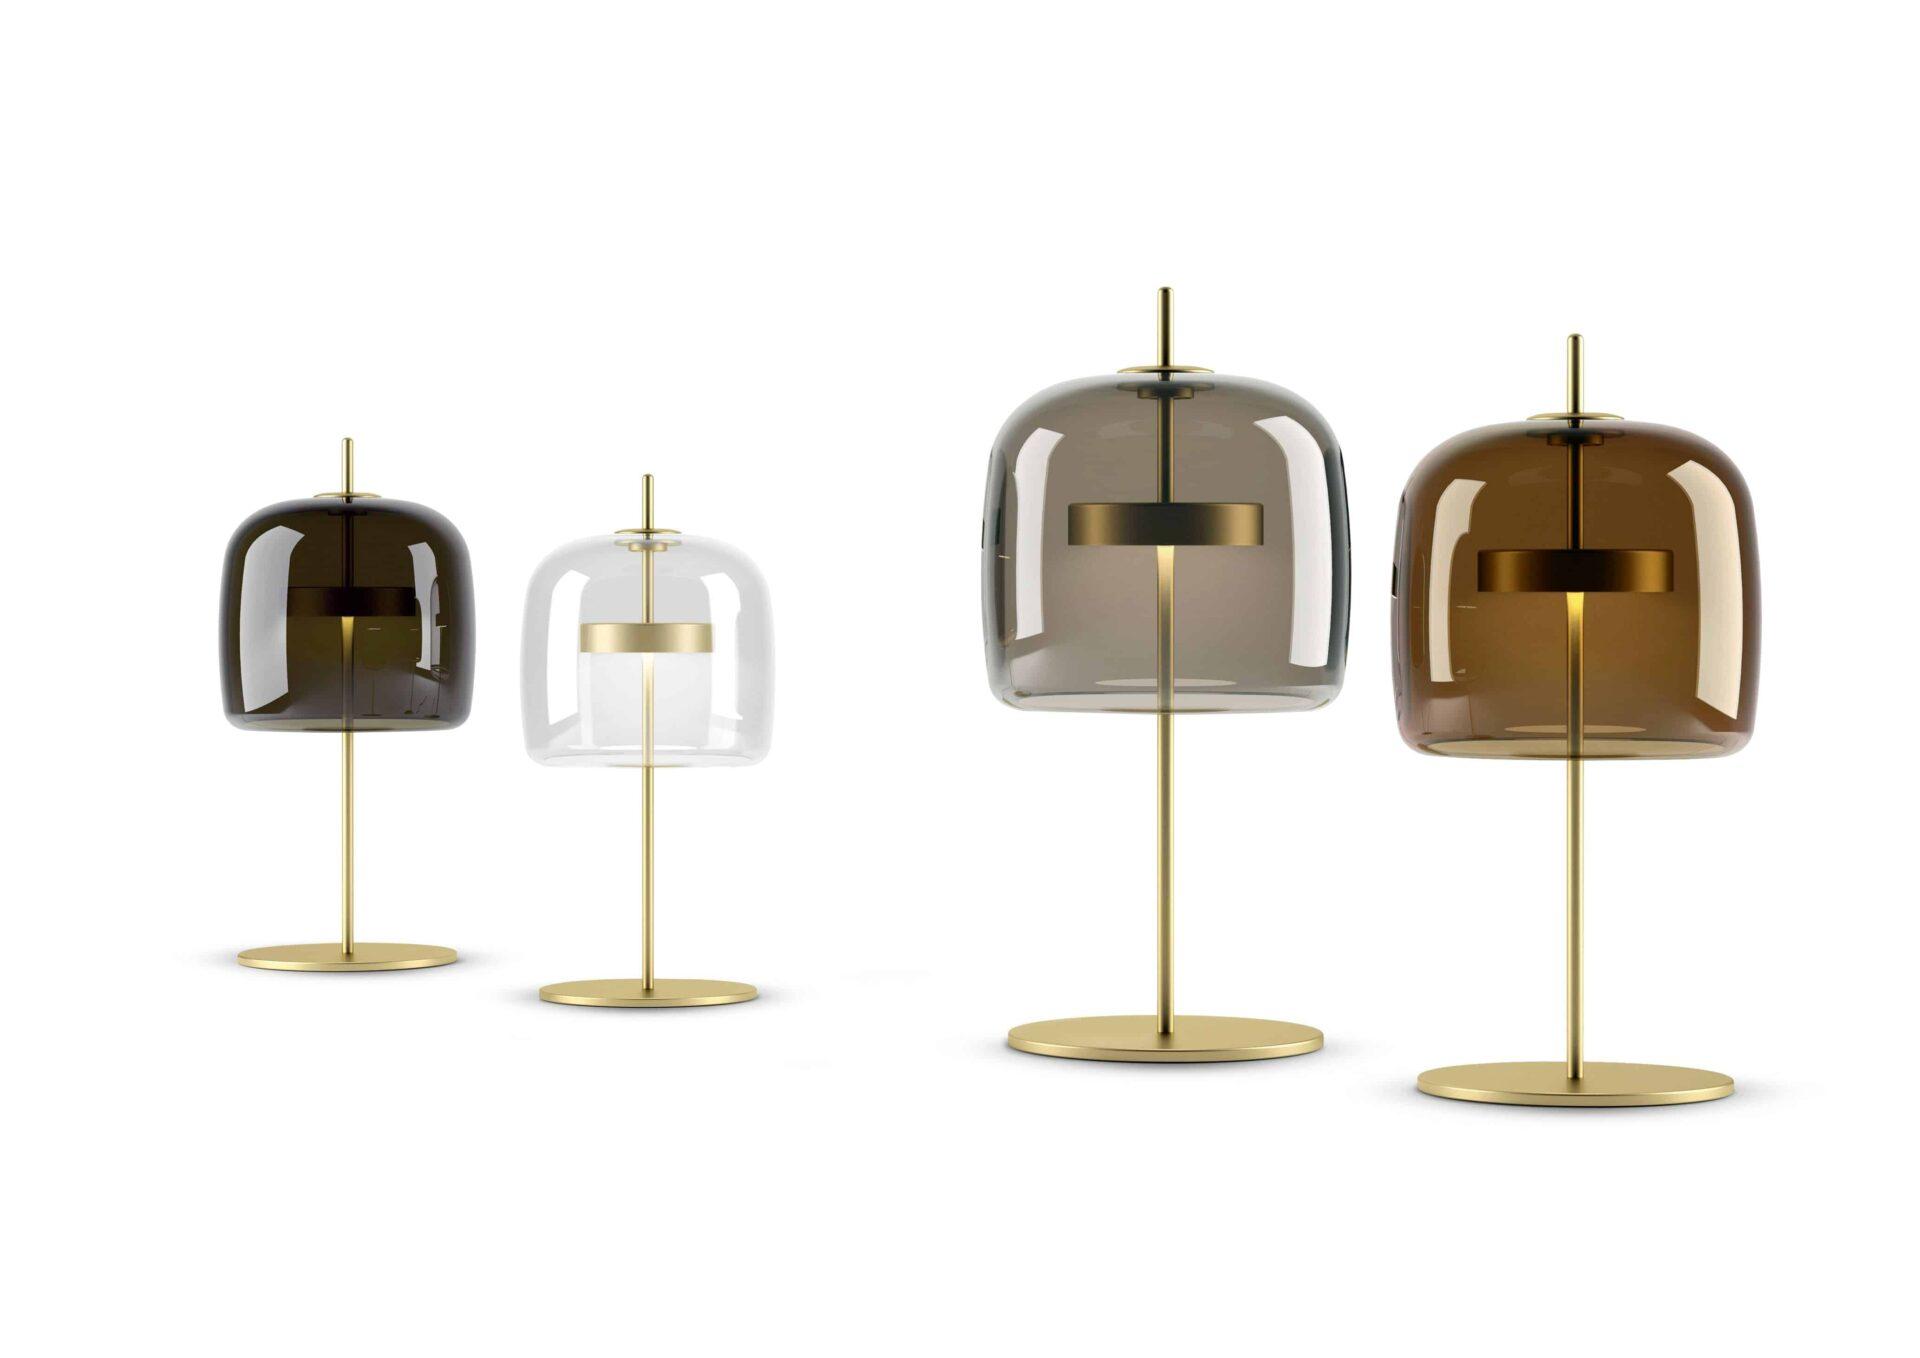 Collezione Jube di Vistosi, lo stile nell'illuminazione